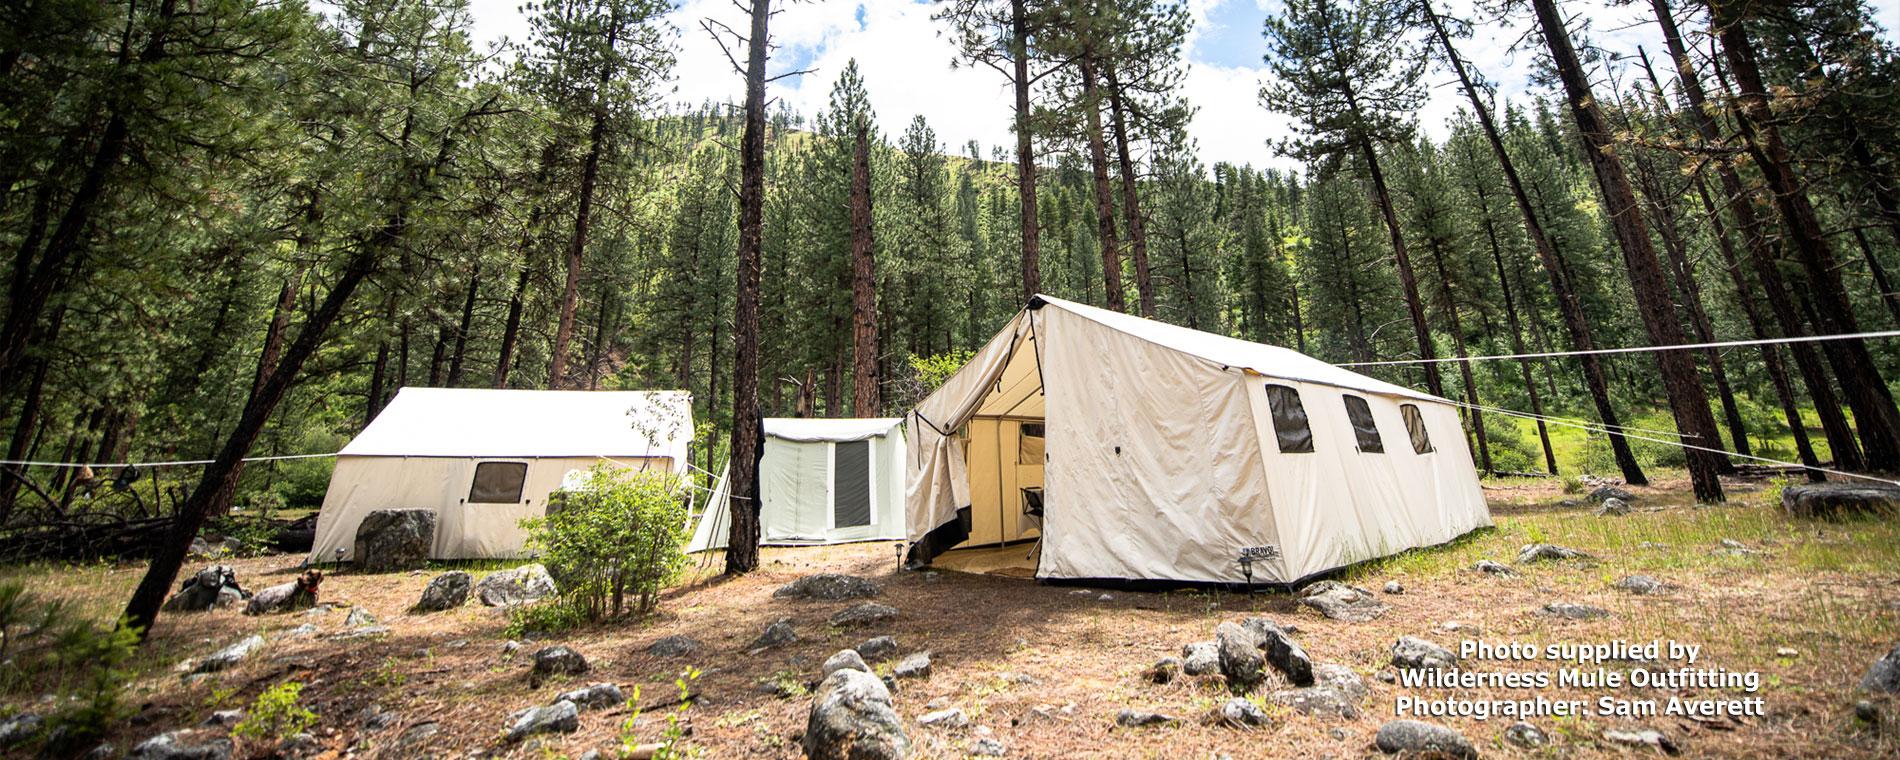 Super Grade Canvas Wall Tent